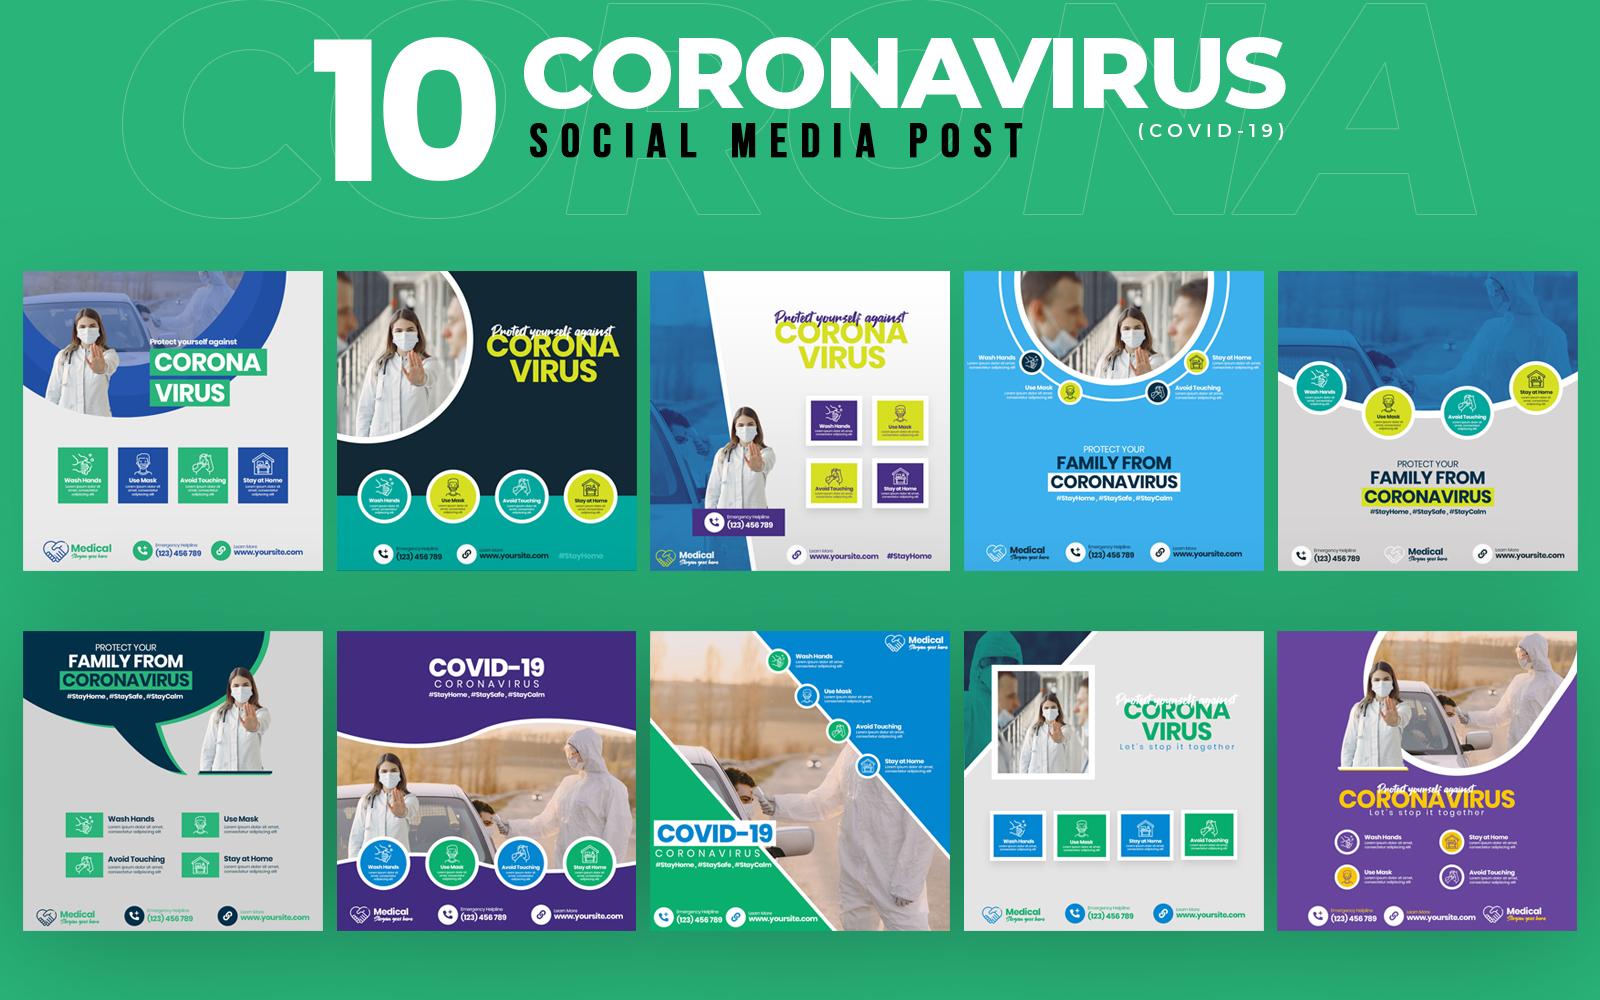 Covid-19 & Coronavirus 10 Post Template Social Media